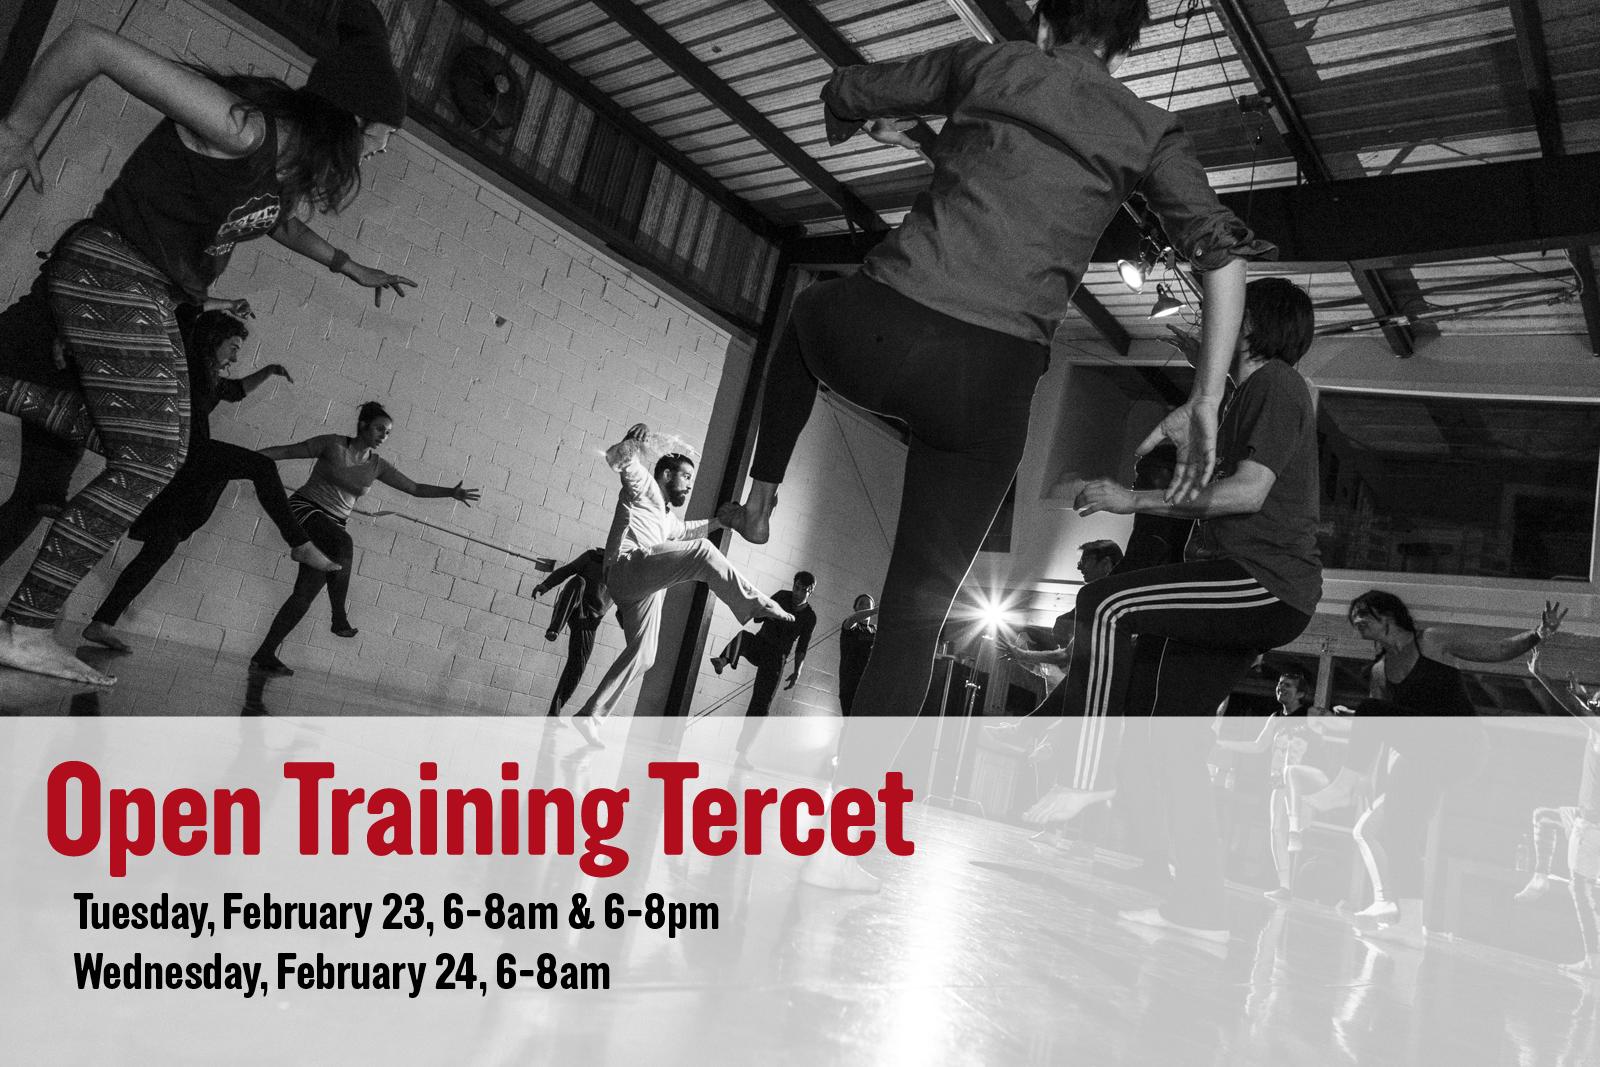 Open Training Tercet SCORE Red